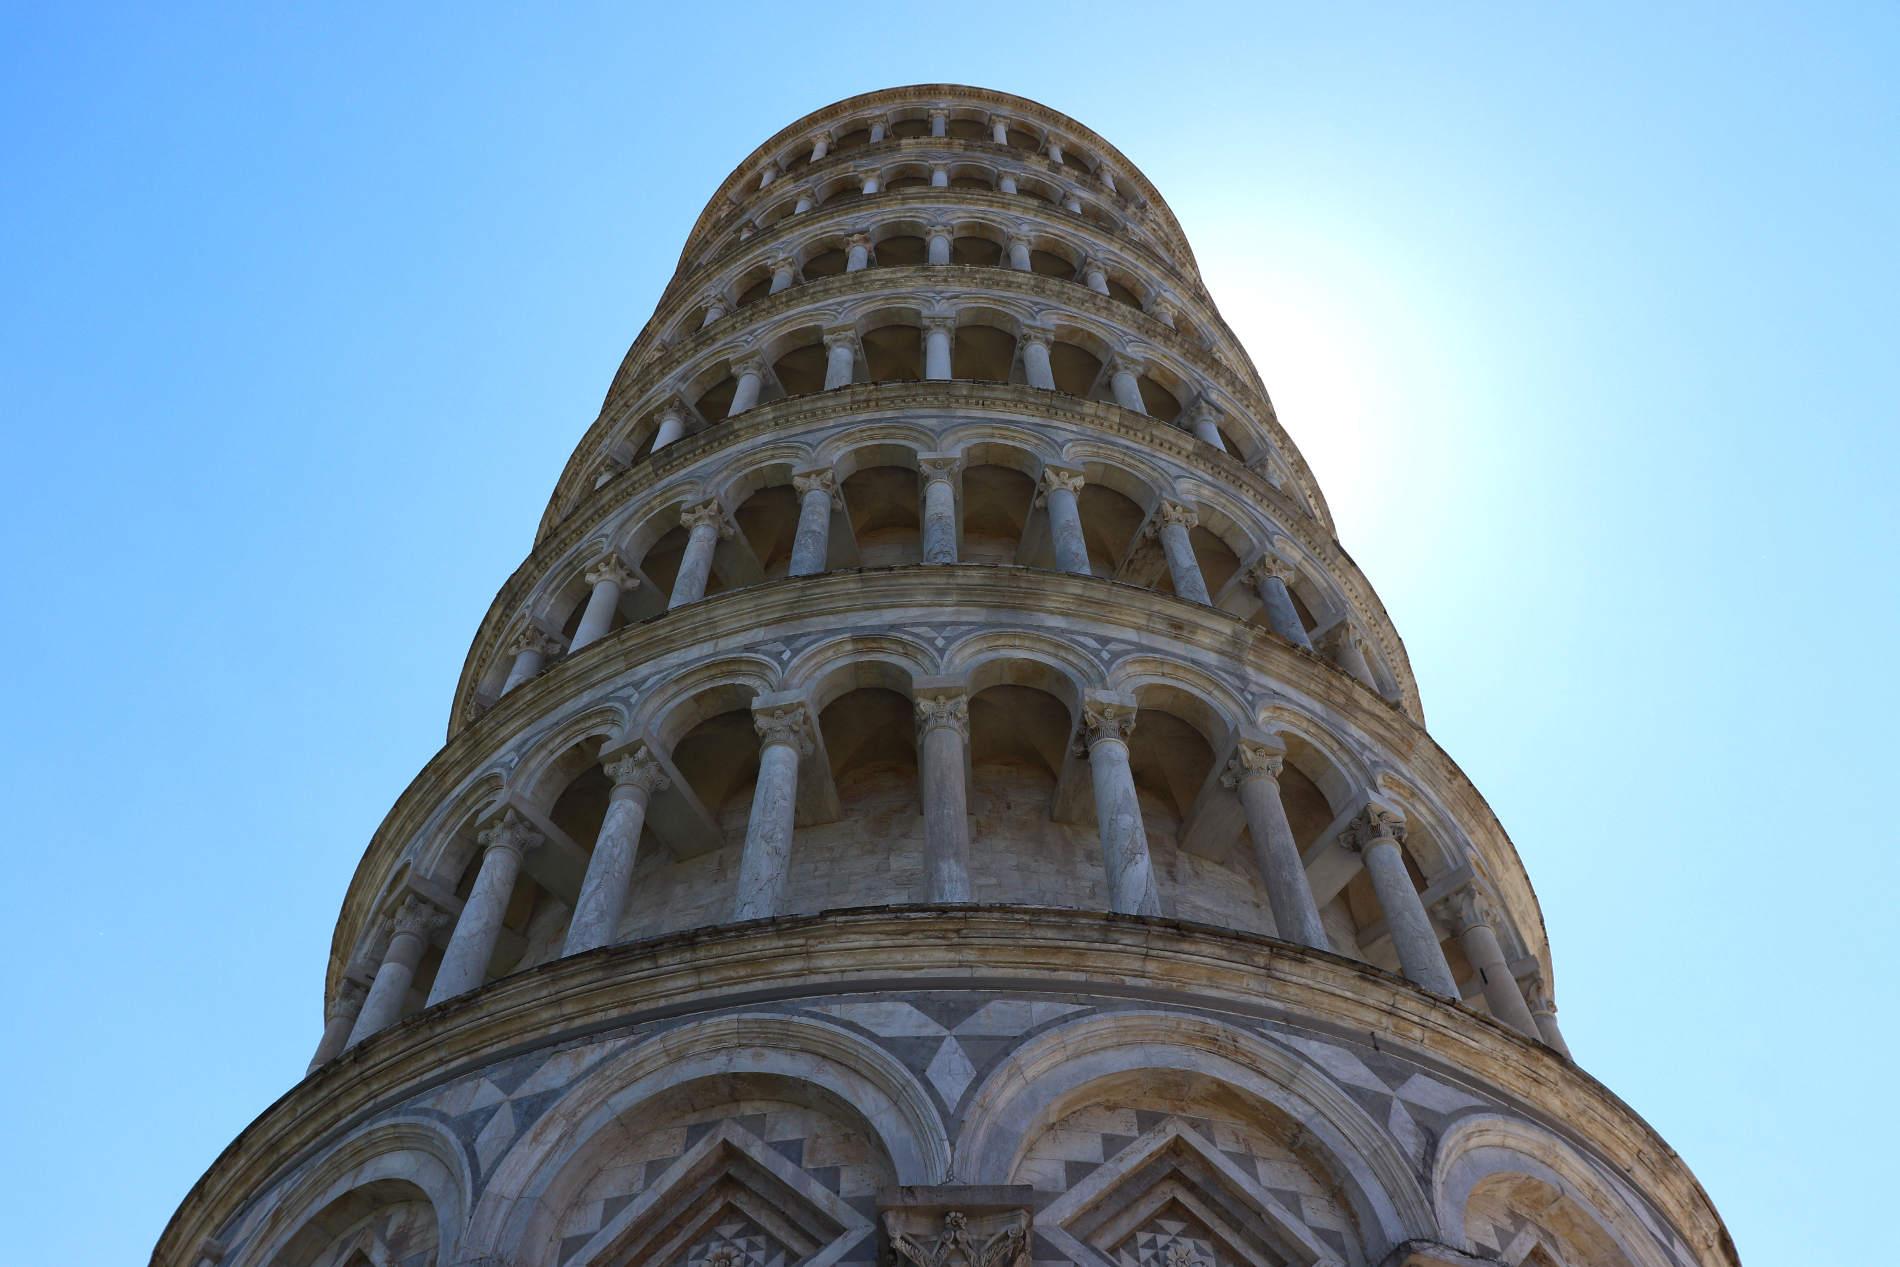 La torre pendente a Pisa Patrimonio dell'Umanità sulla Piazza dei Miracoli